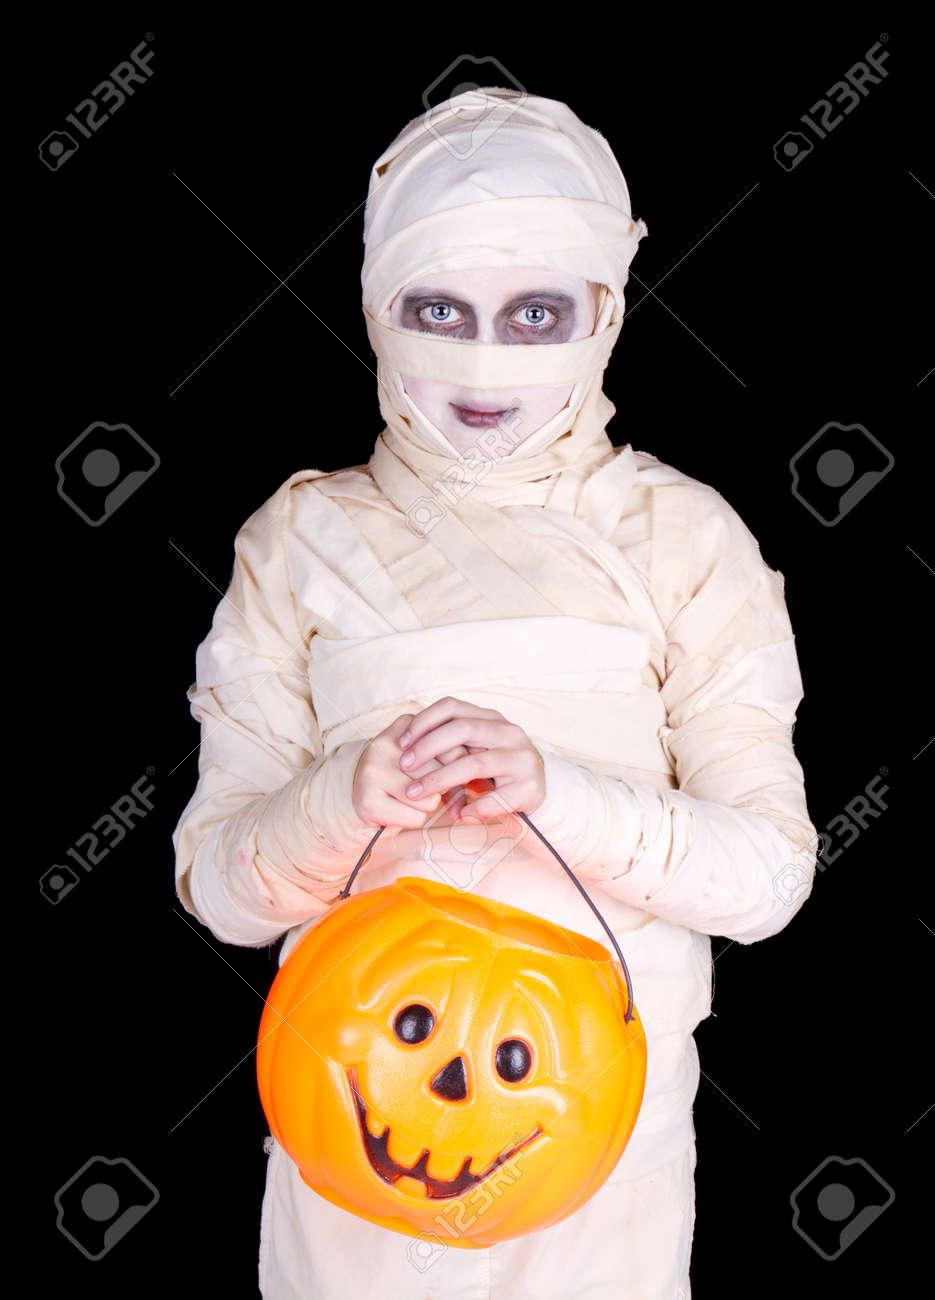 Kind Wie Eine Mumie Halloween Kostüm Hält Einen Trick Gekleidet Oder